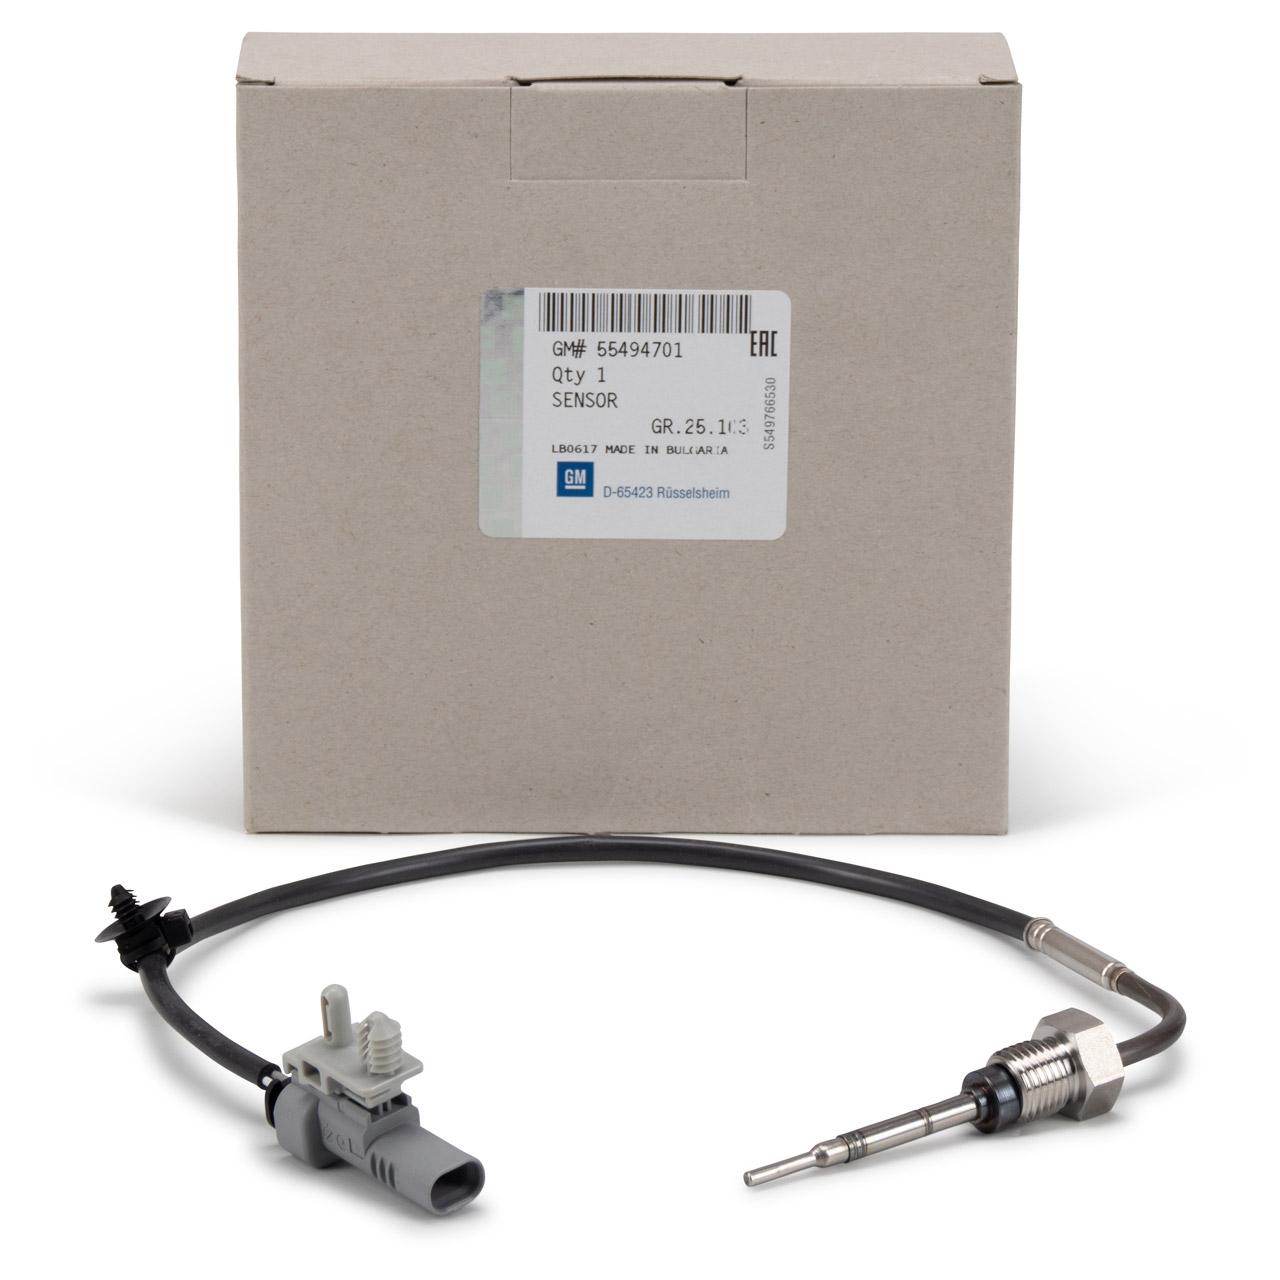 ORIGINAL Opel Abgastemperatursensor INSIGNIA A B ZAFIRA C 2.0 CDTi 55494701